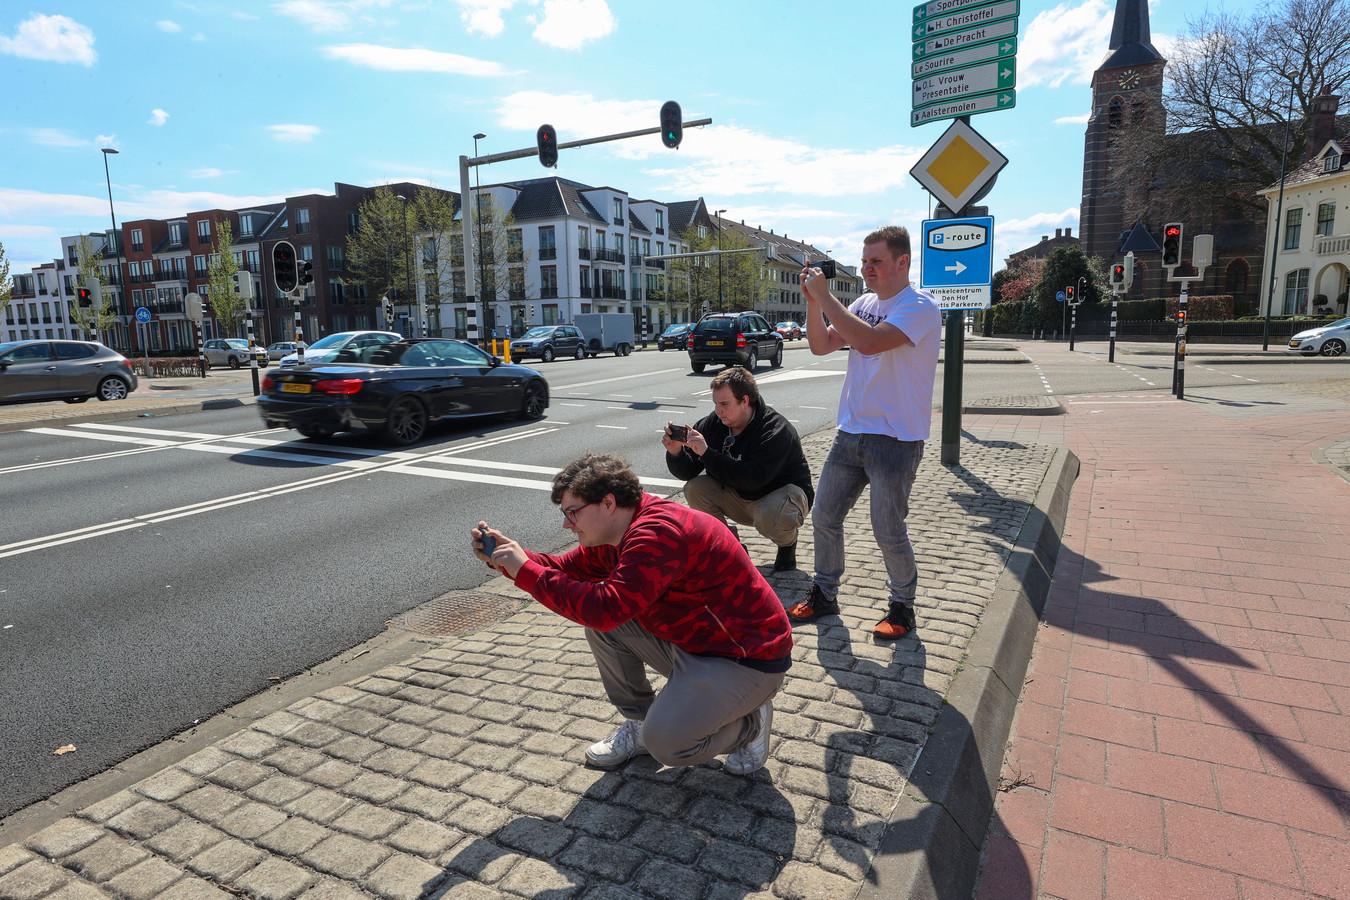 Carspotters Thomas van Osch (voor), Ryan Geboers (midden) en Timmie Jeuriëns (achter) zijn net als andere carspotters regelmatig te vinden op  het kruispunt Eindhovenseweg/Raadhuisstraat in Waalre.